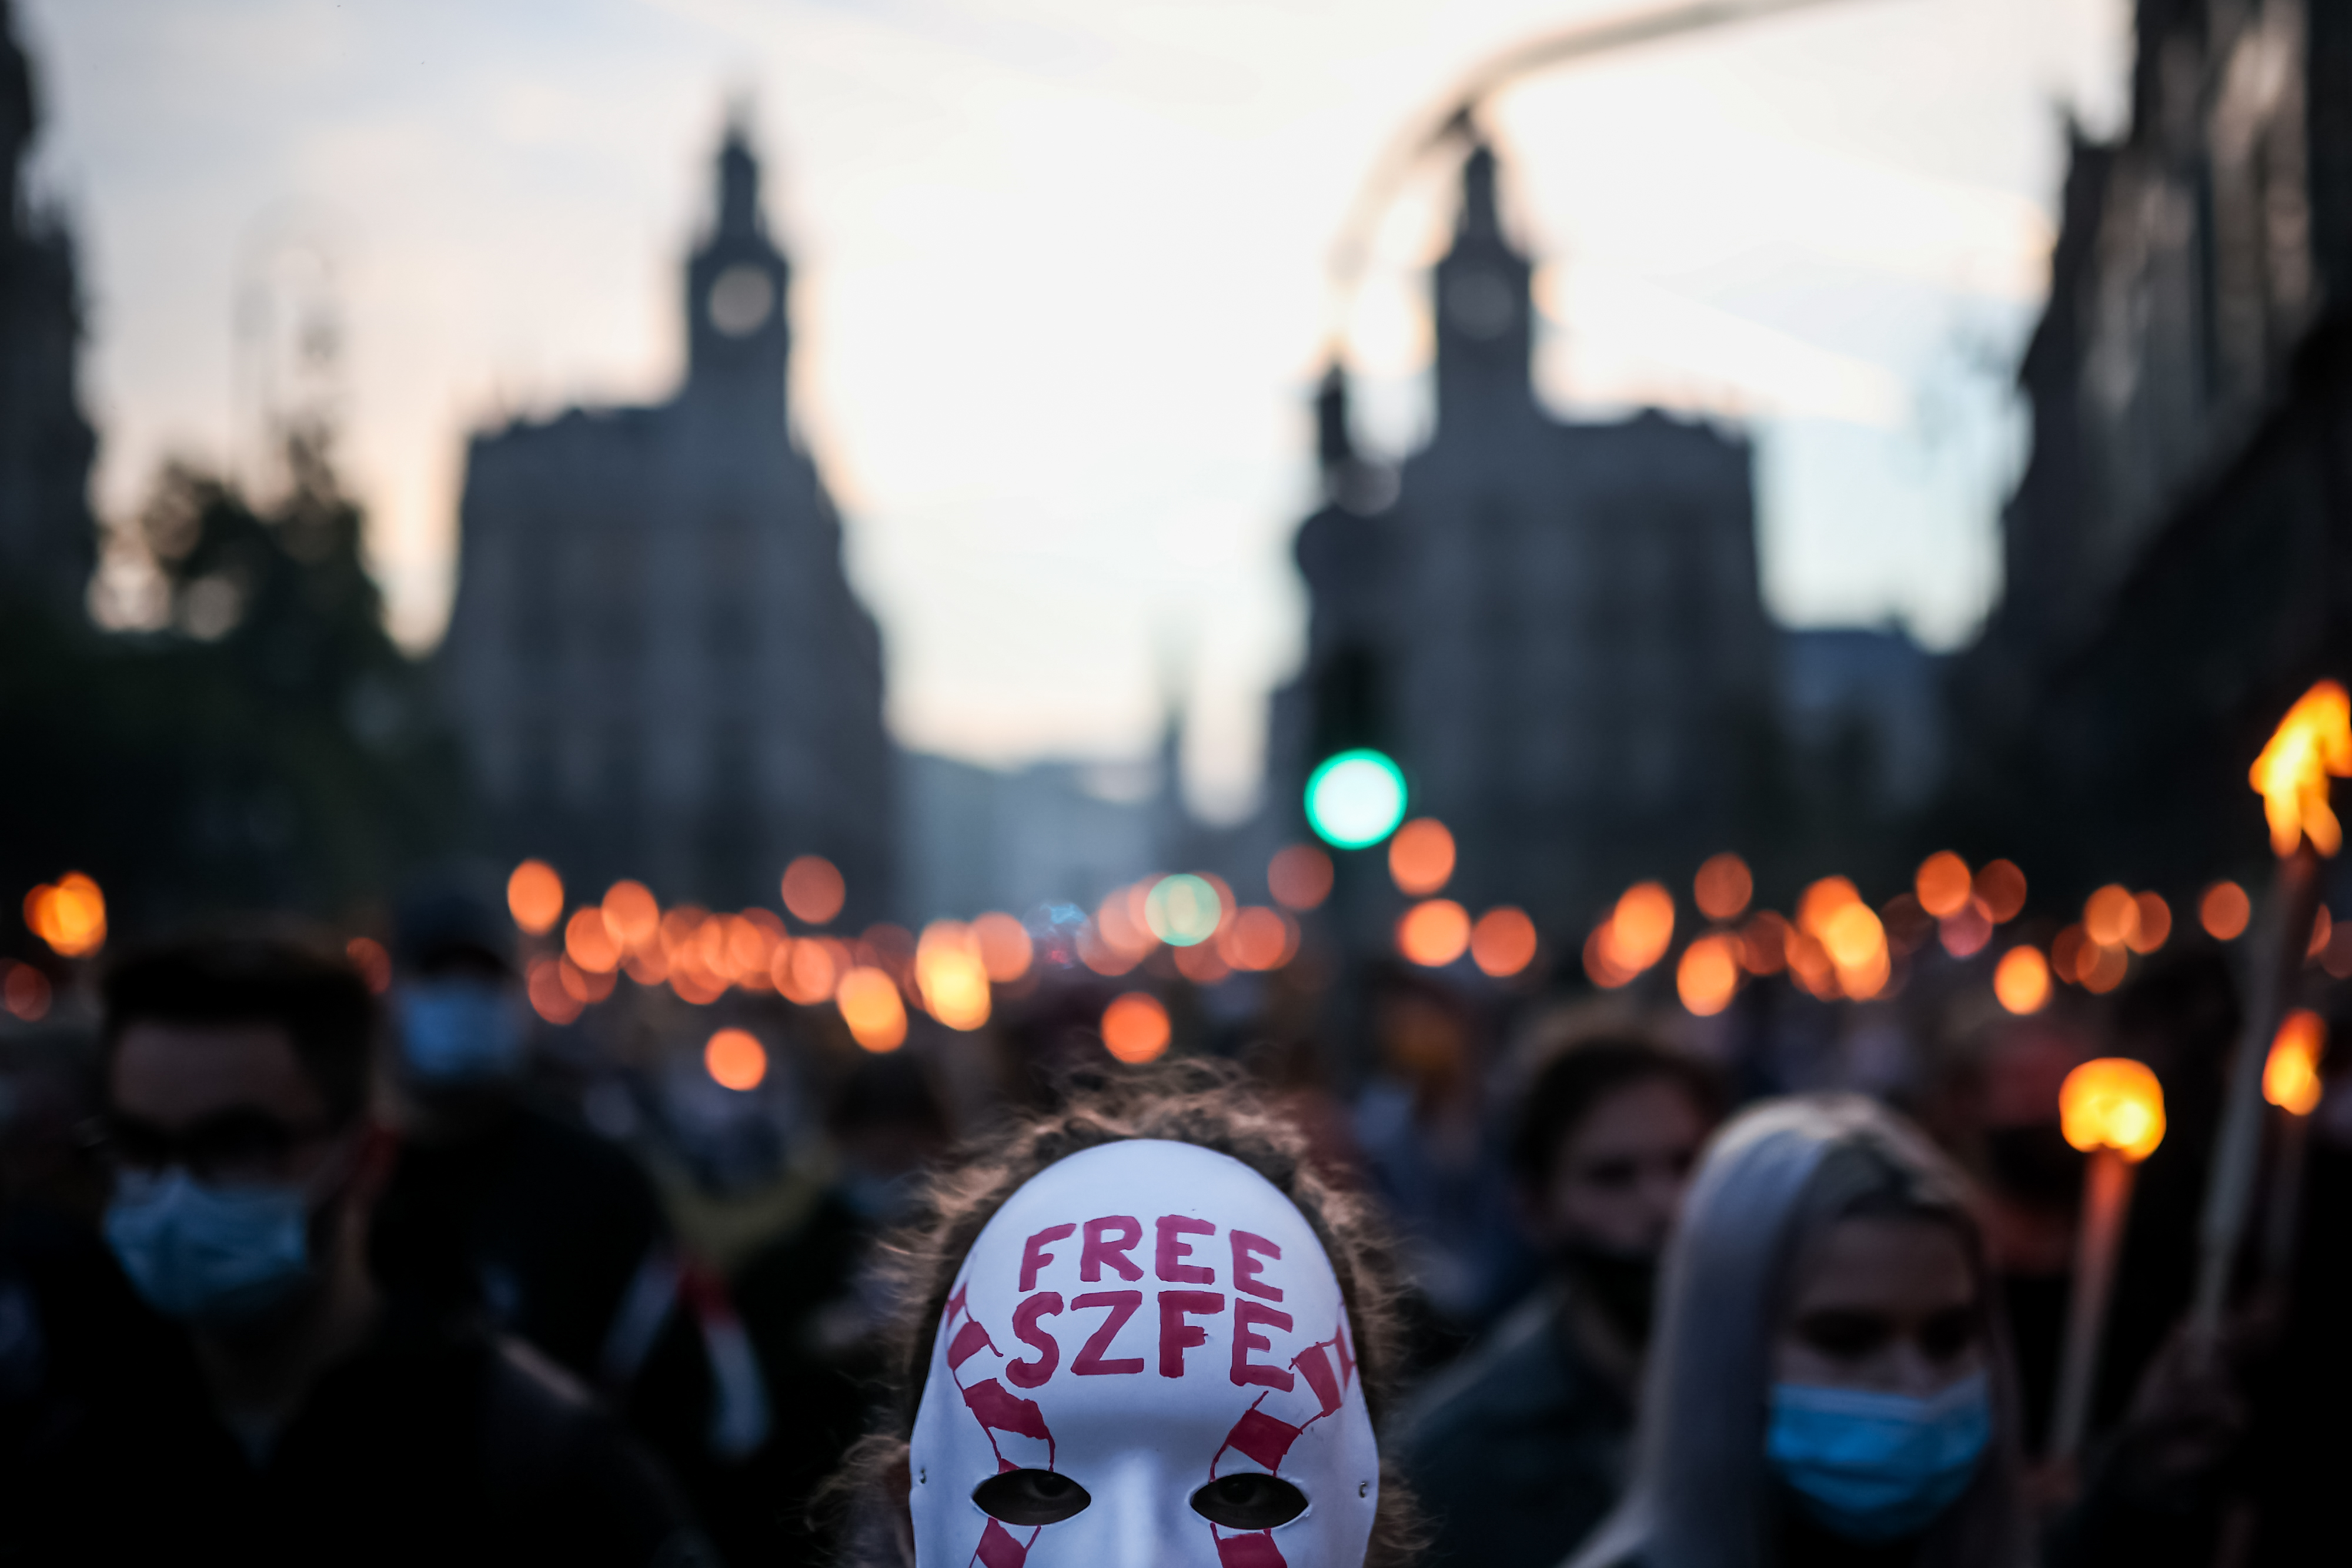 Az SZFE-s diákok szerint Gulyás Gergely félreértette a pénteki tüntetésüket